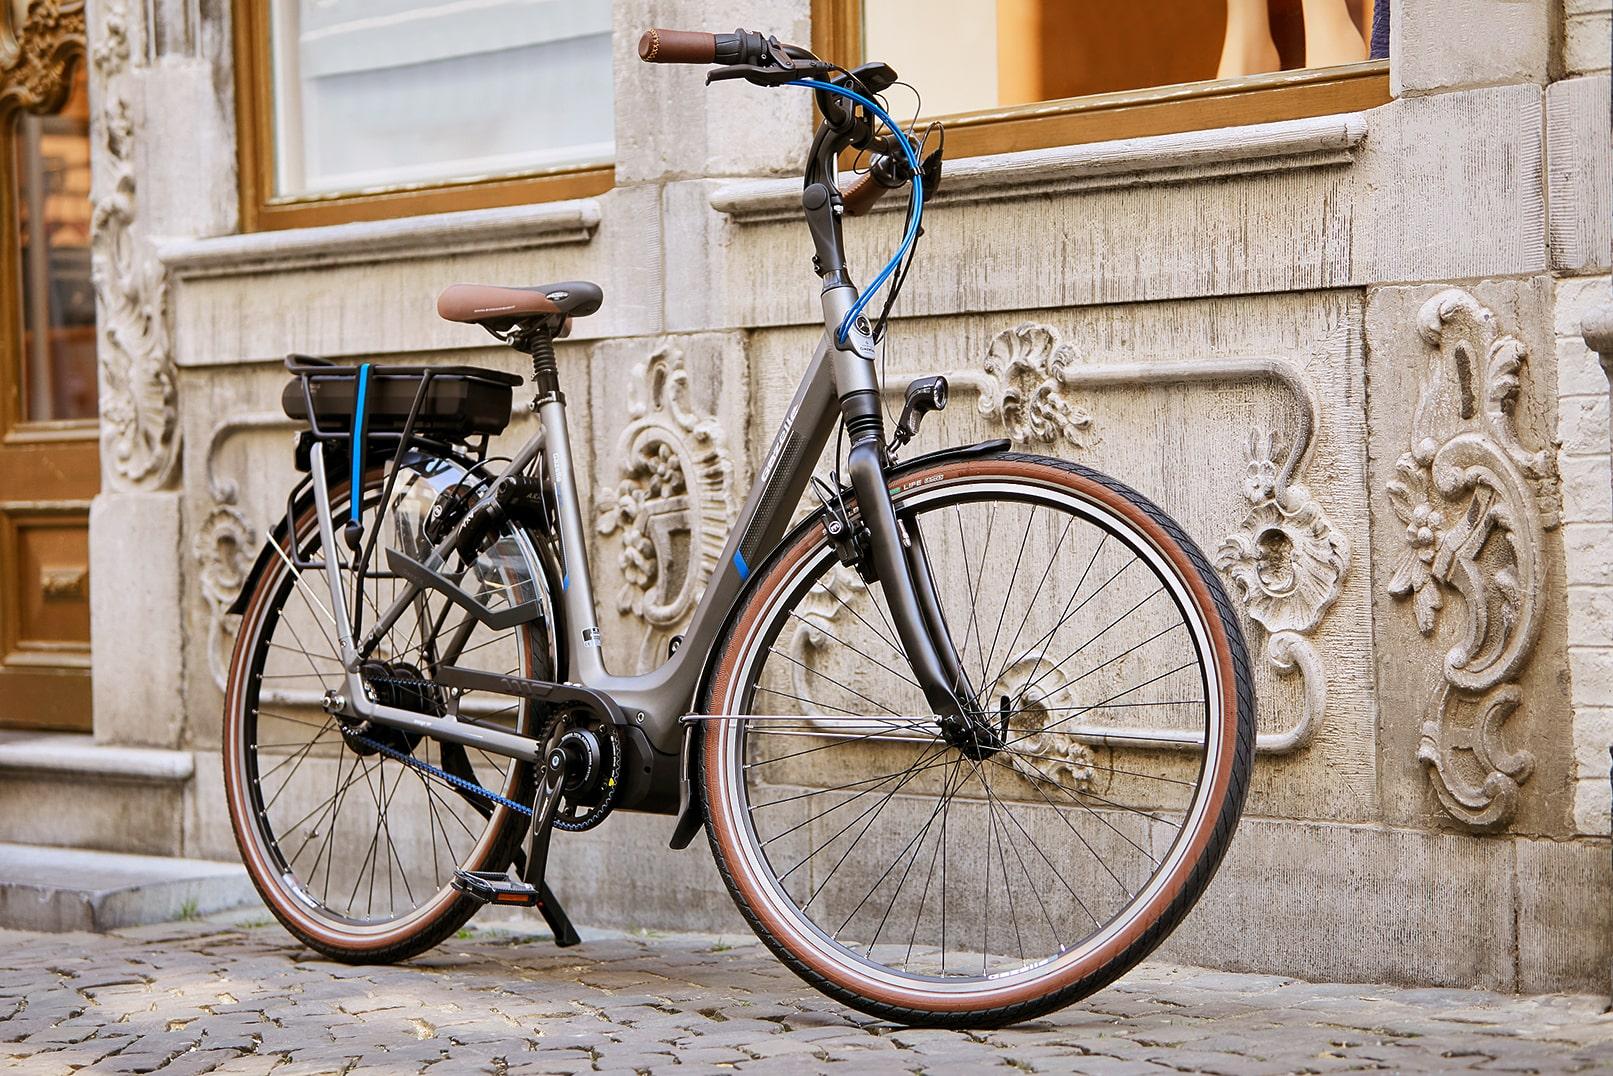 Gazelle e-bike | London bike tours | Orange C330